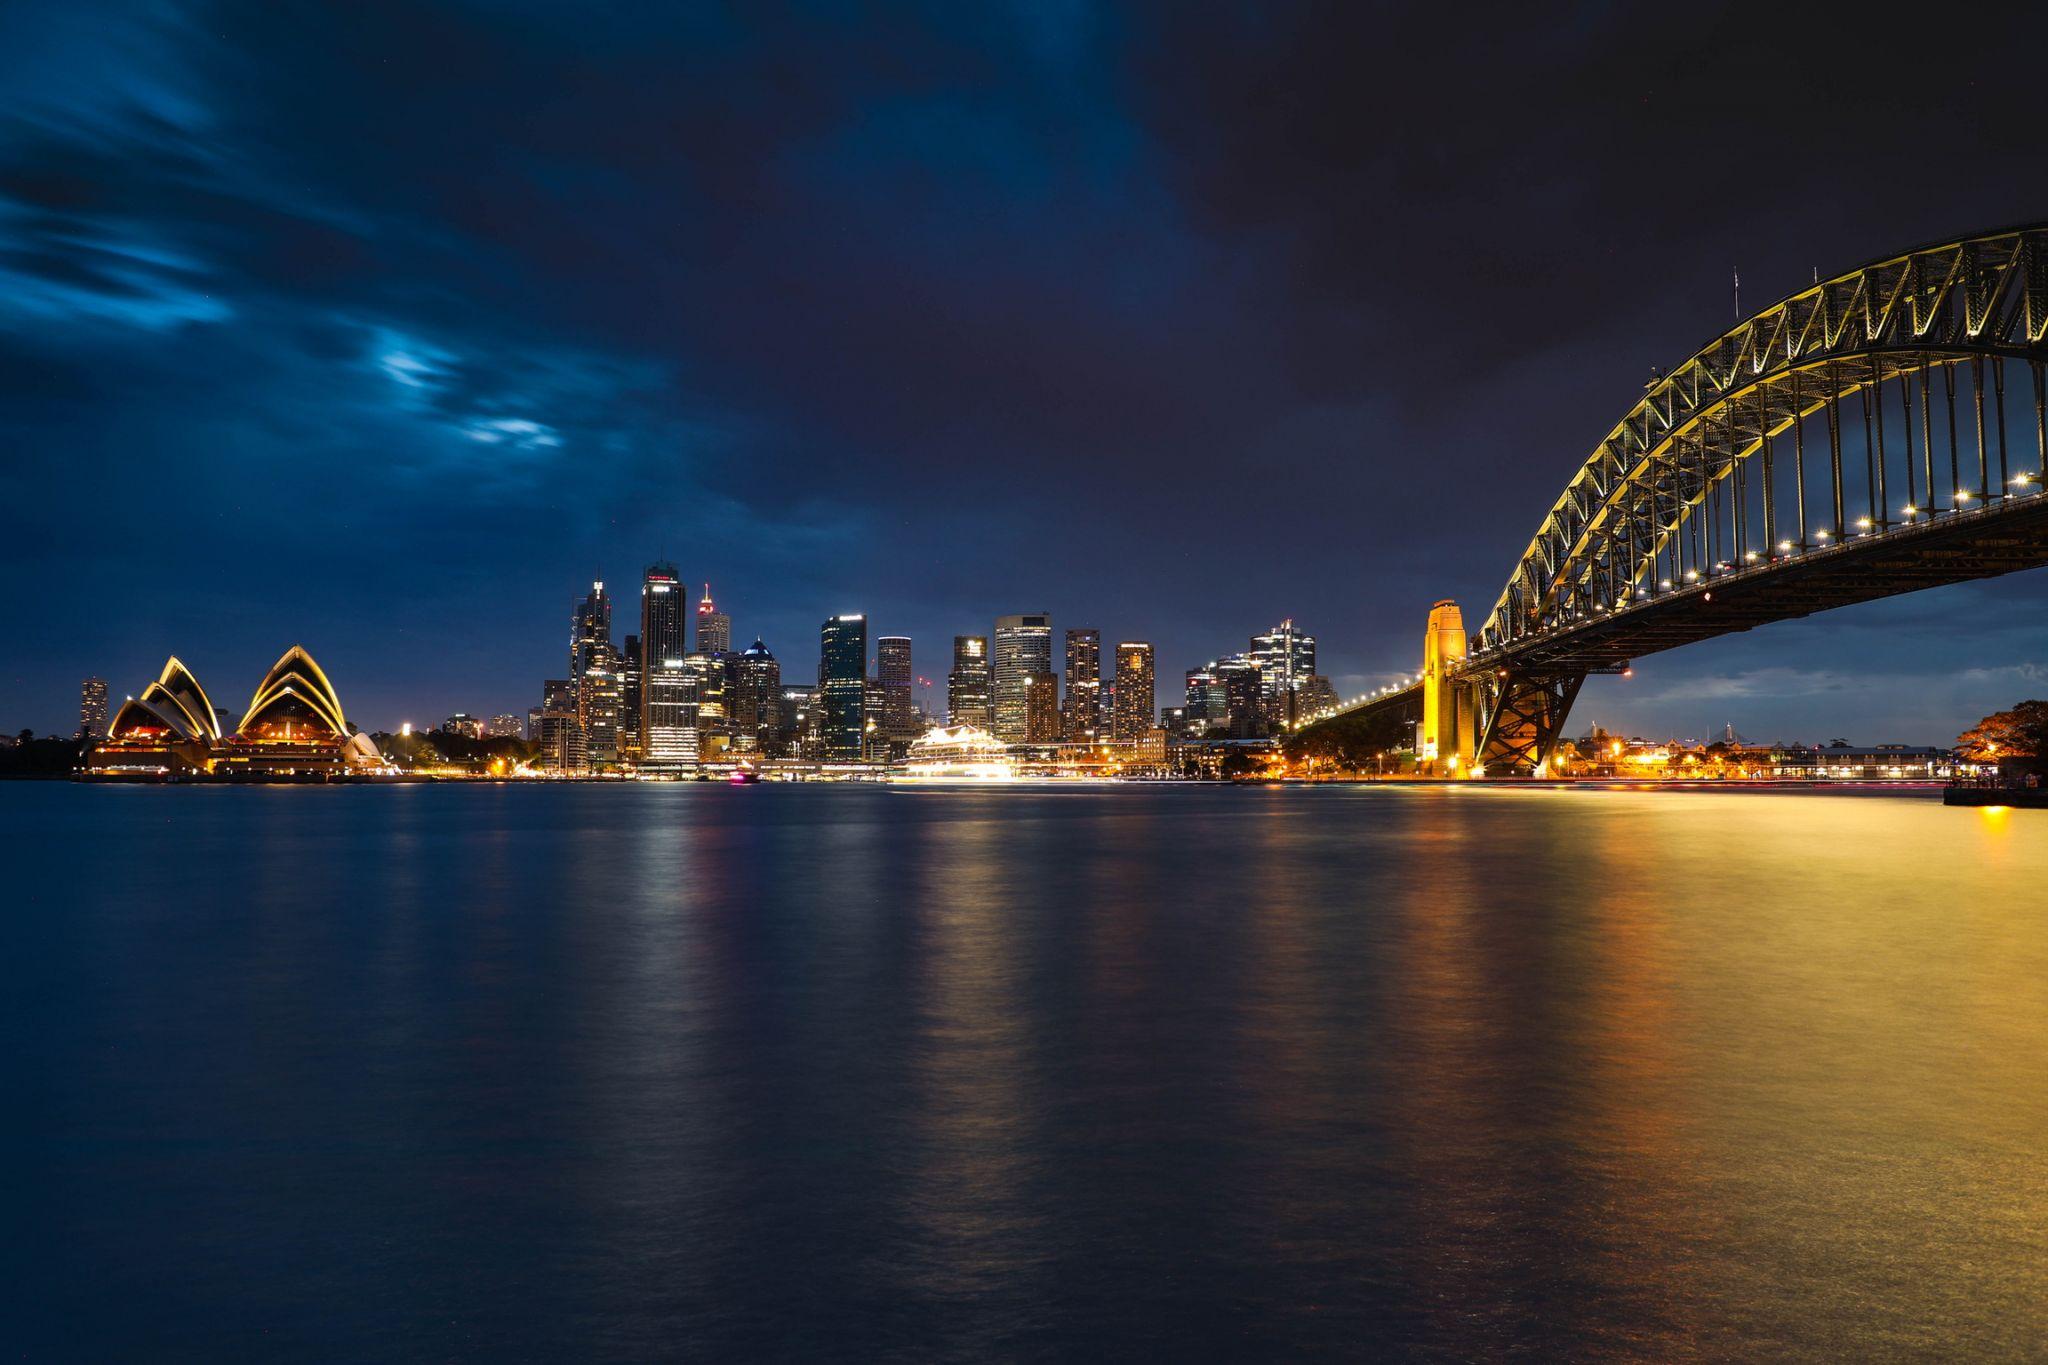 Kirribilli bridge lookout, Australia